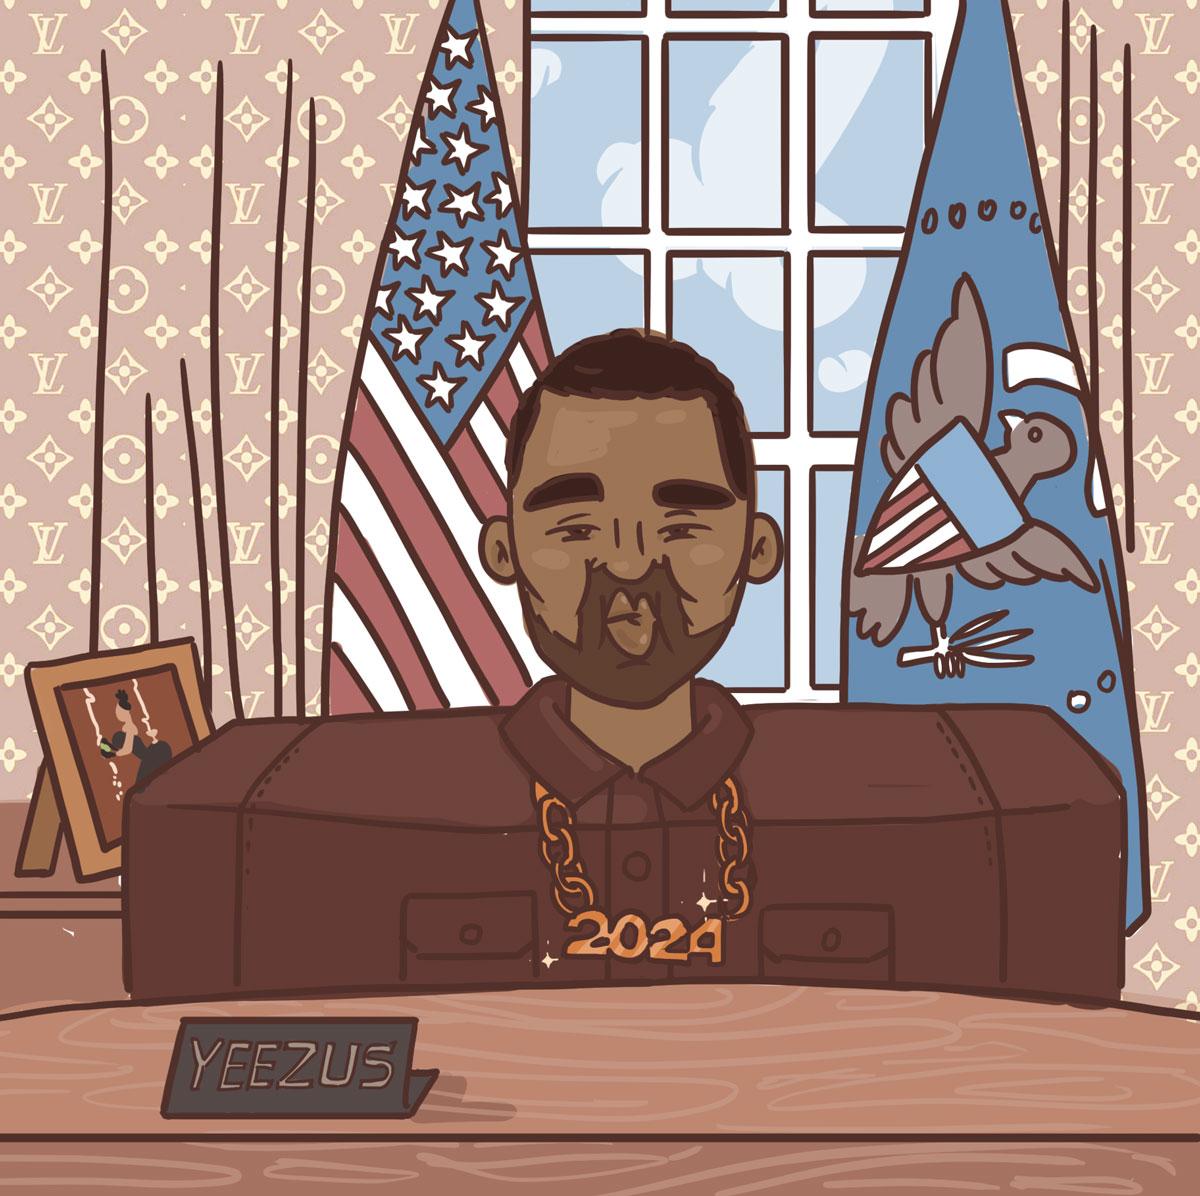 foreal_kanye_for_president